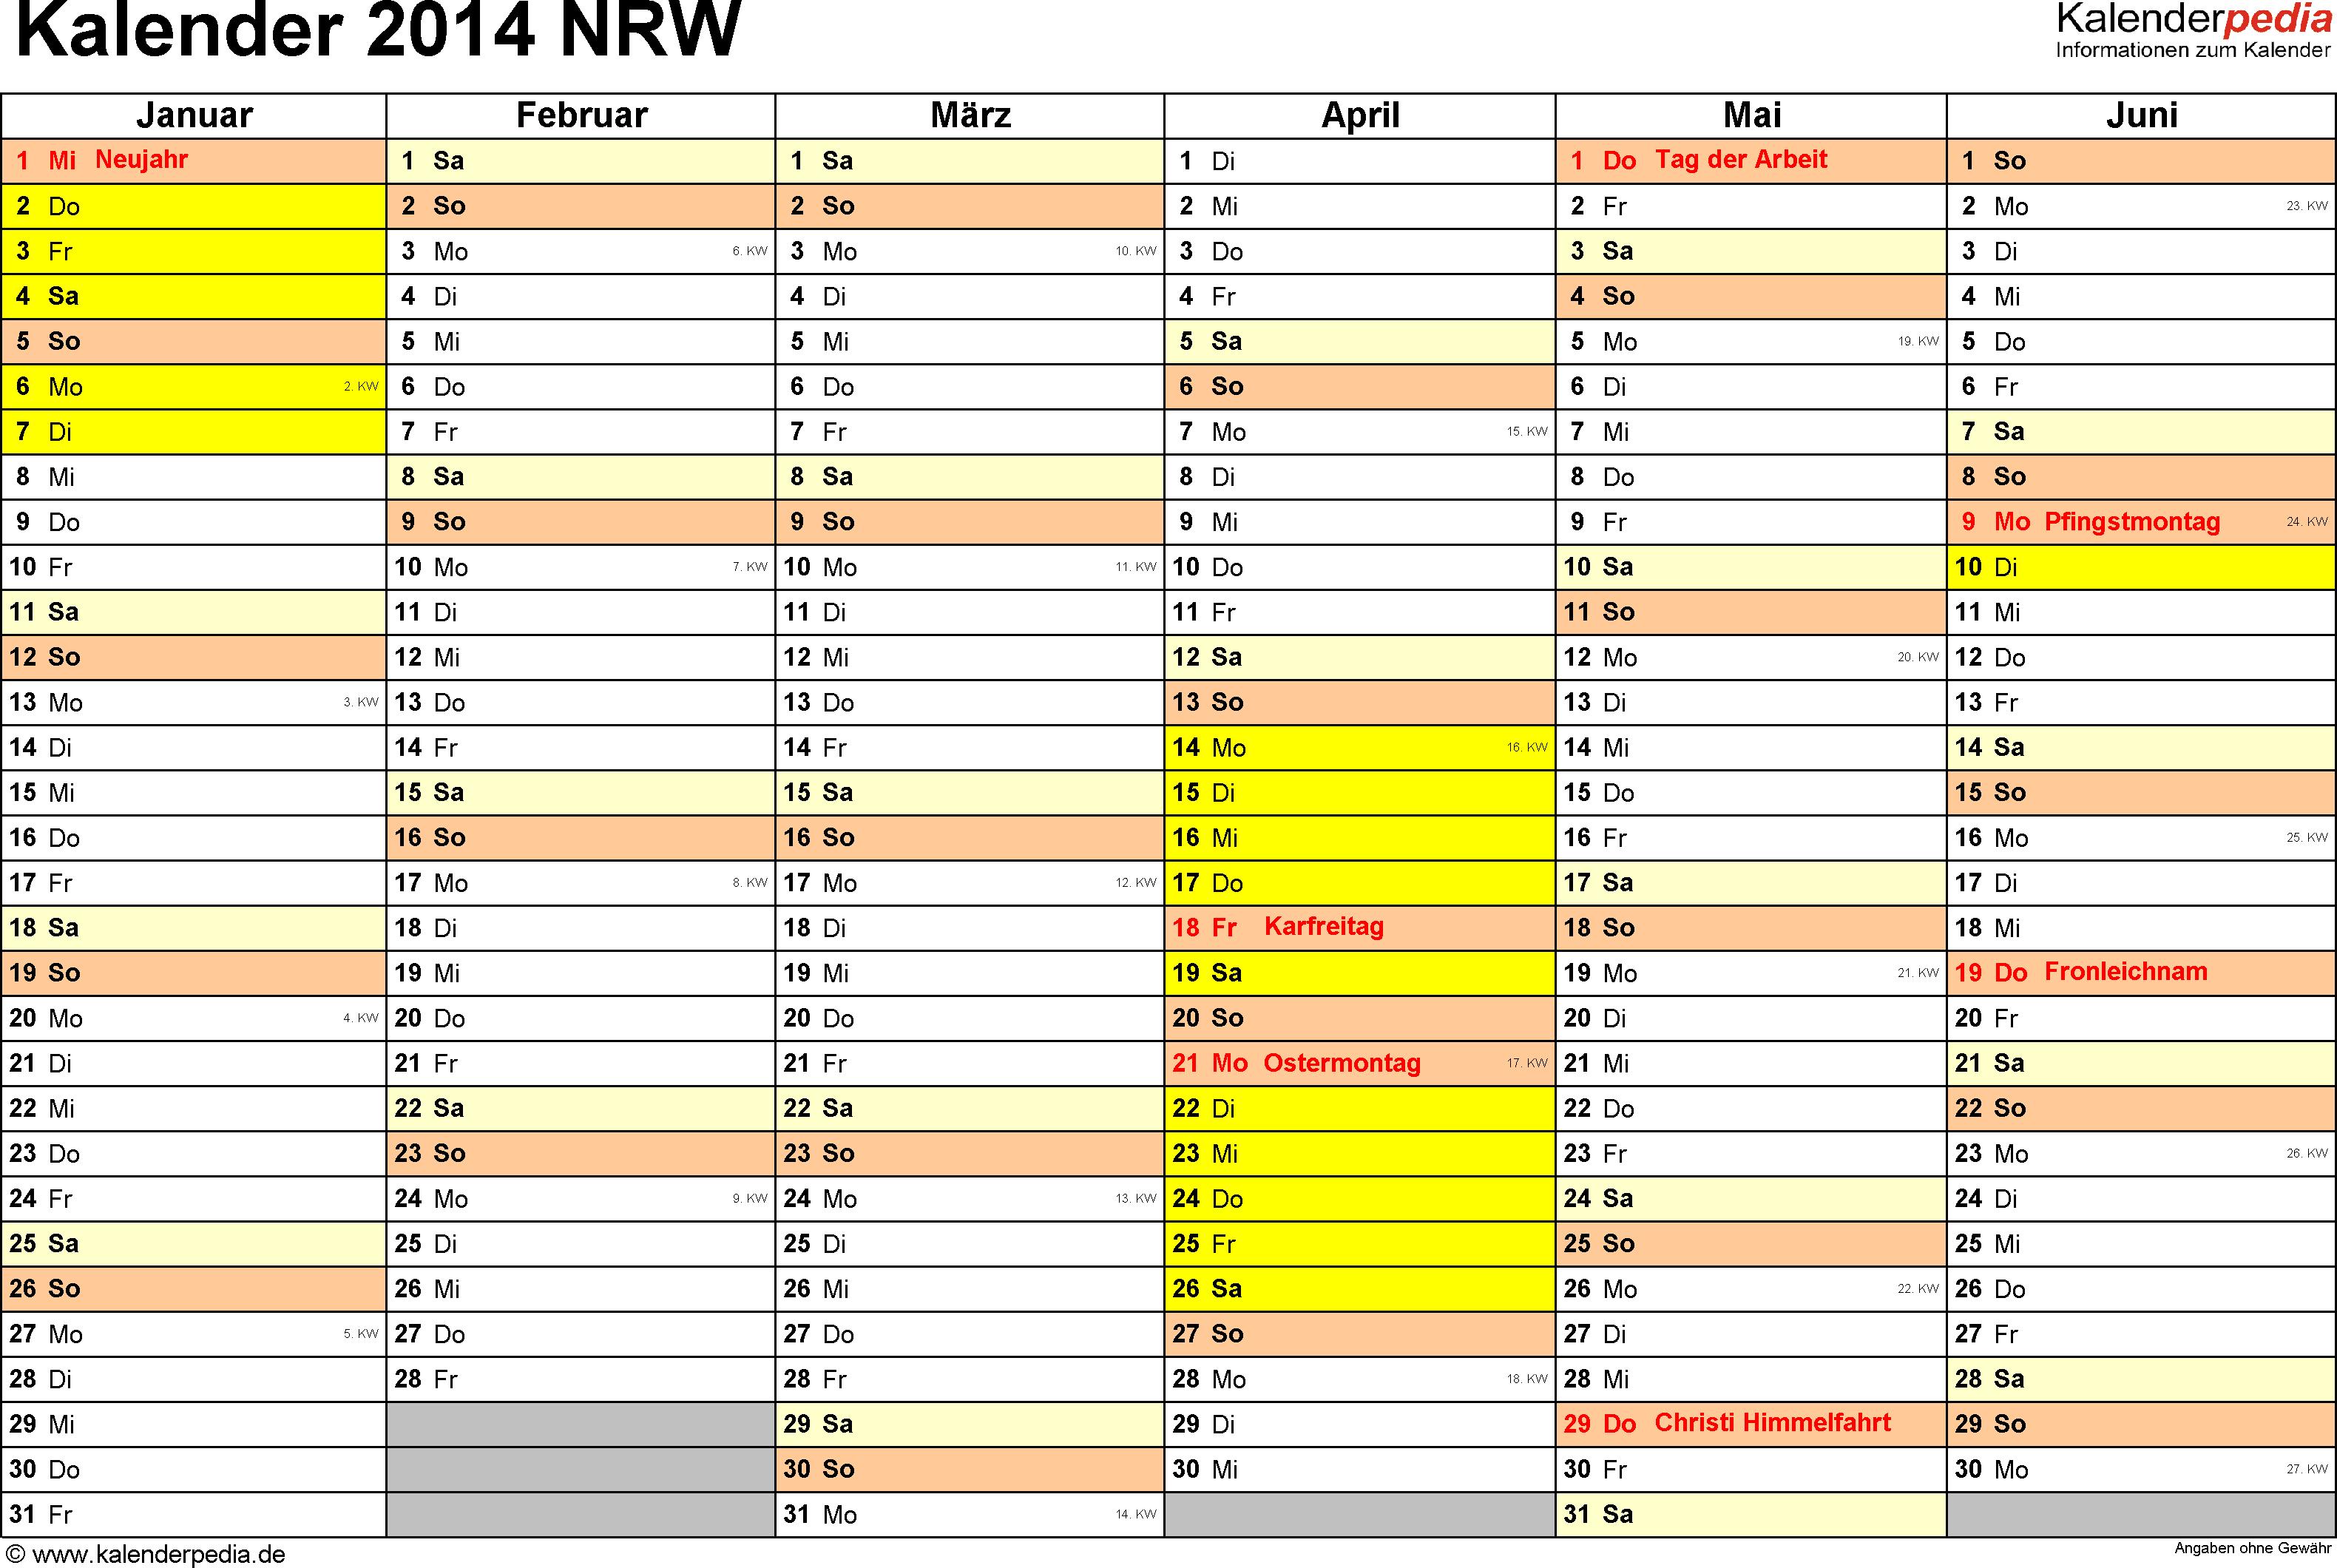 Vorlage 3: Kalender 2014 für NRW als PDF-Vorlagen (Querformat, 2 Seiten)